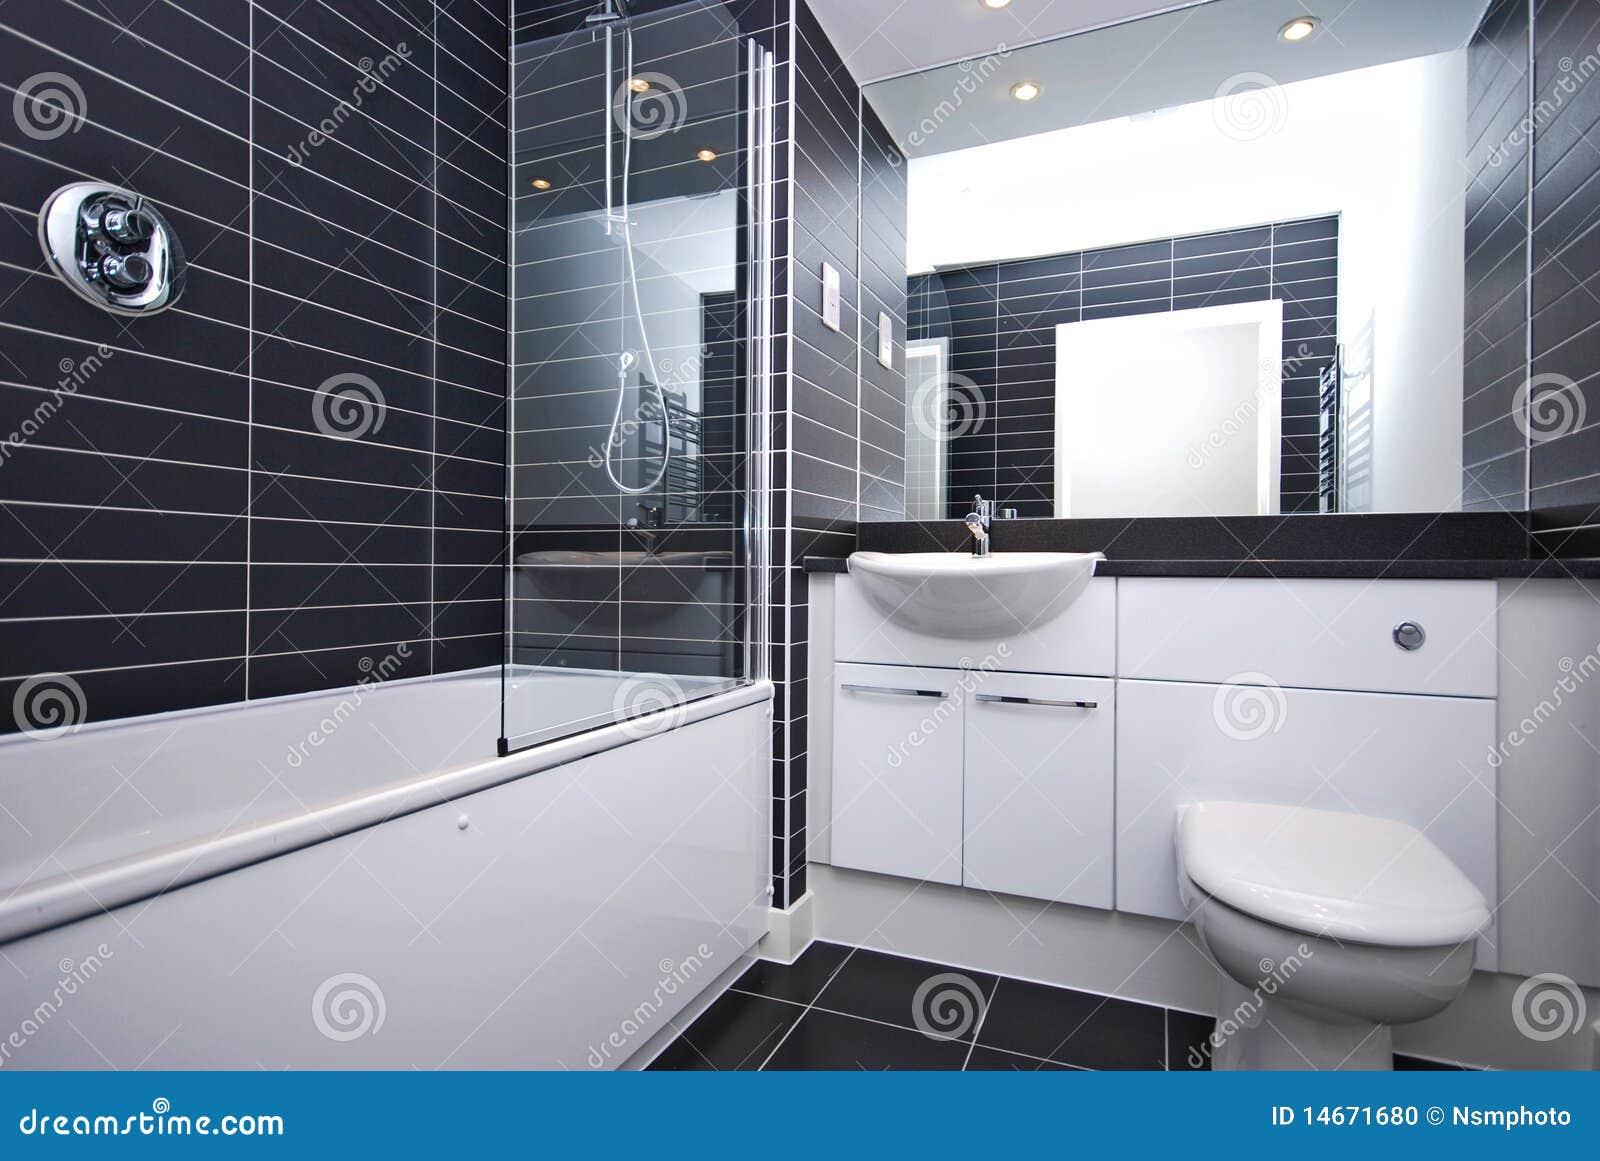 Cuarto De Baño Moderno Fotos:Cuarto de baño moderno de la en-habitación de la familia en blanco y